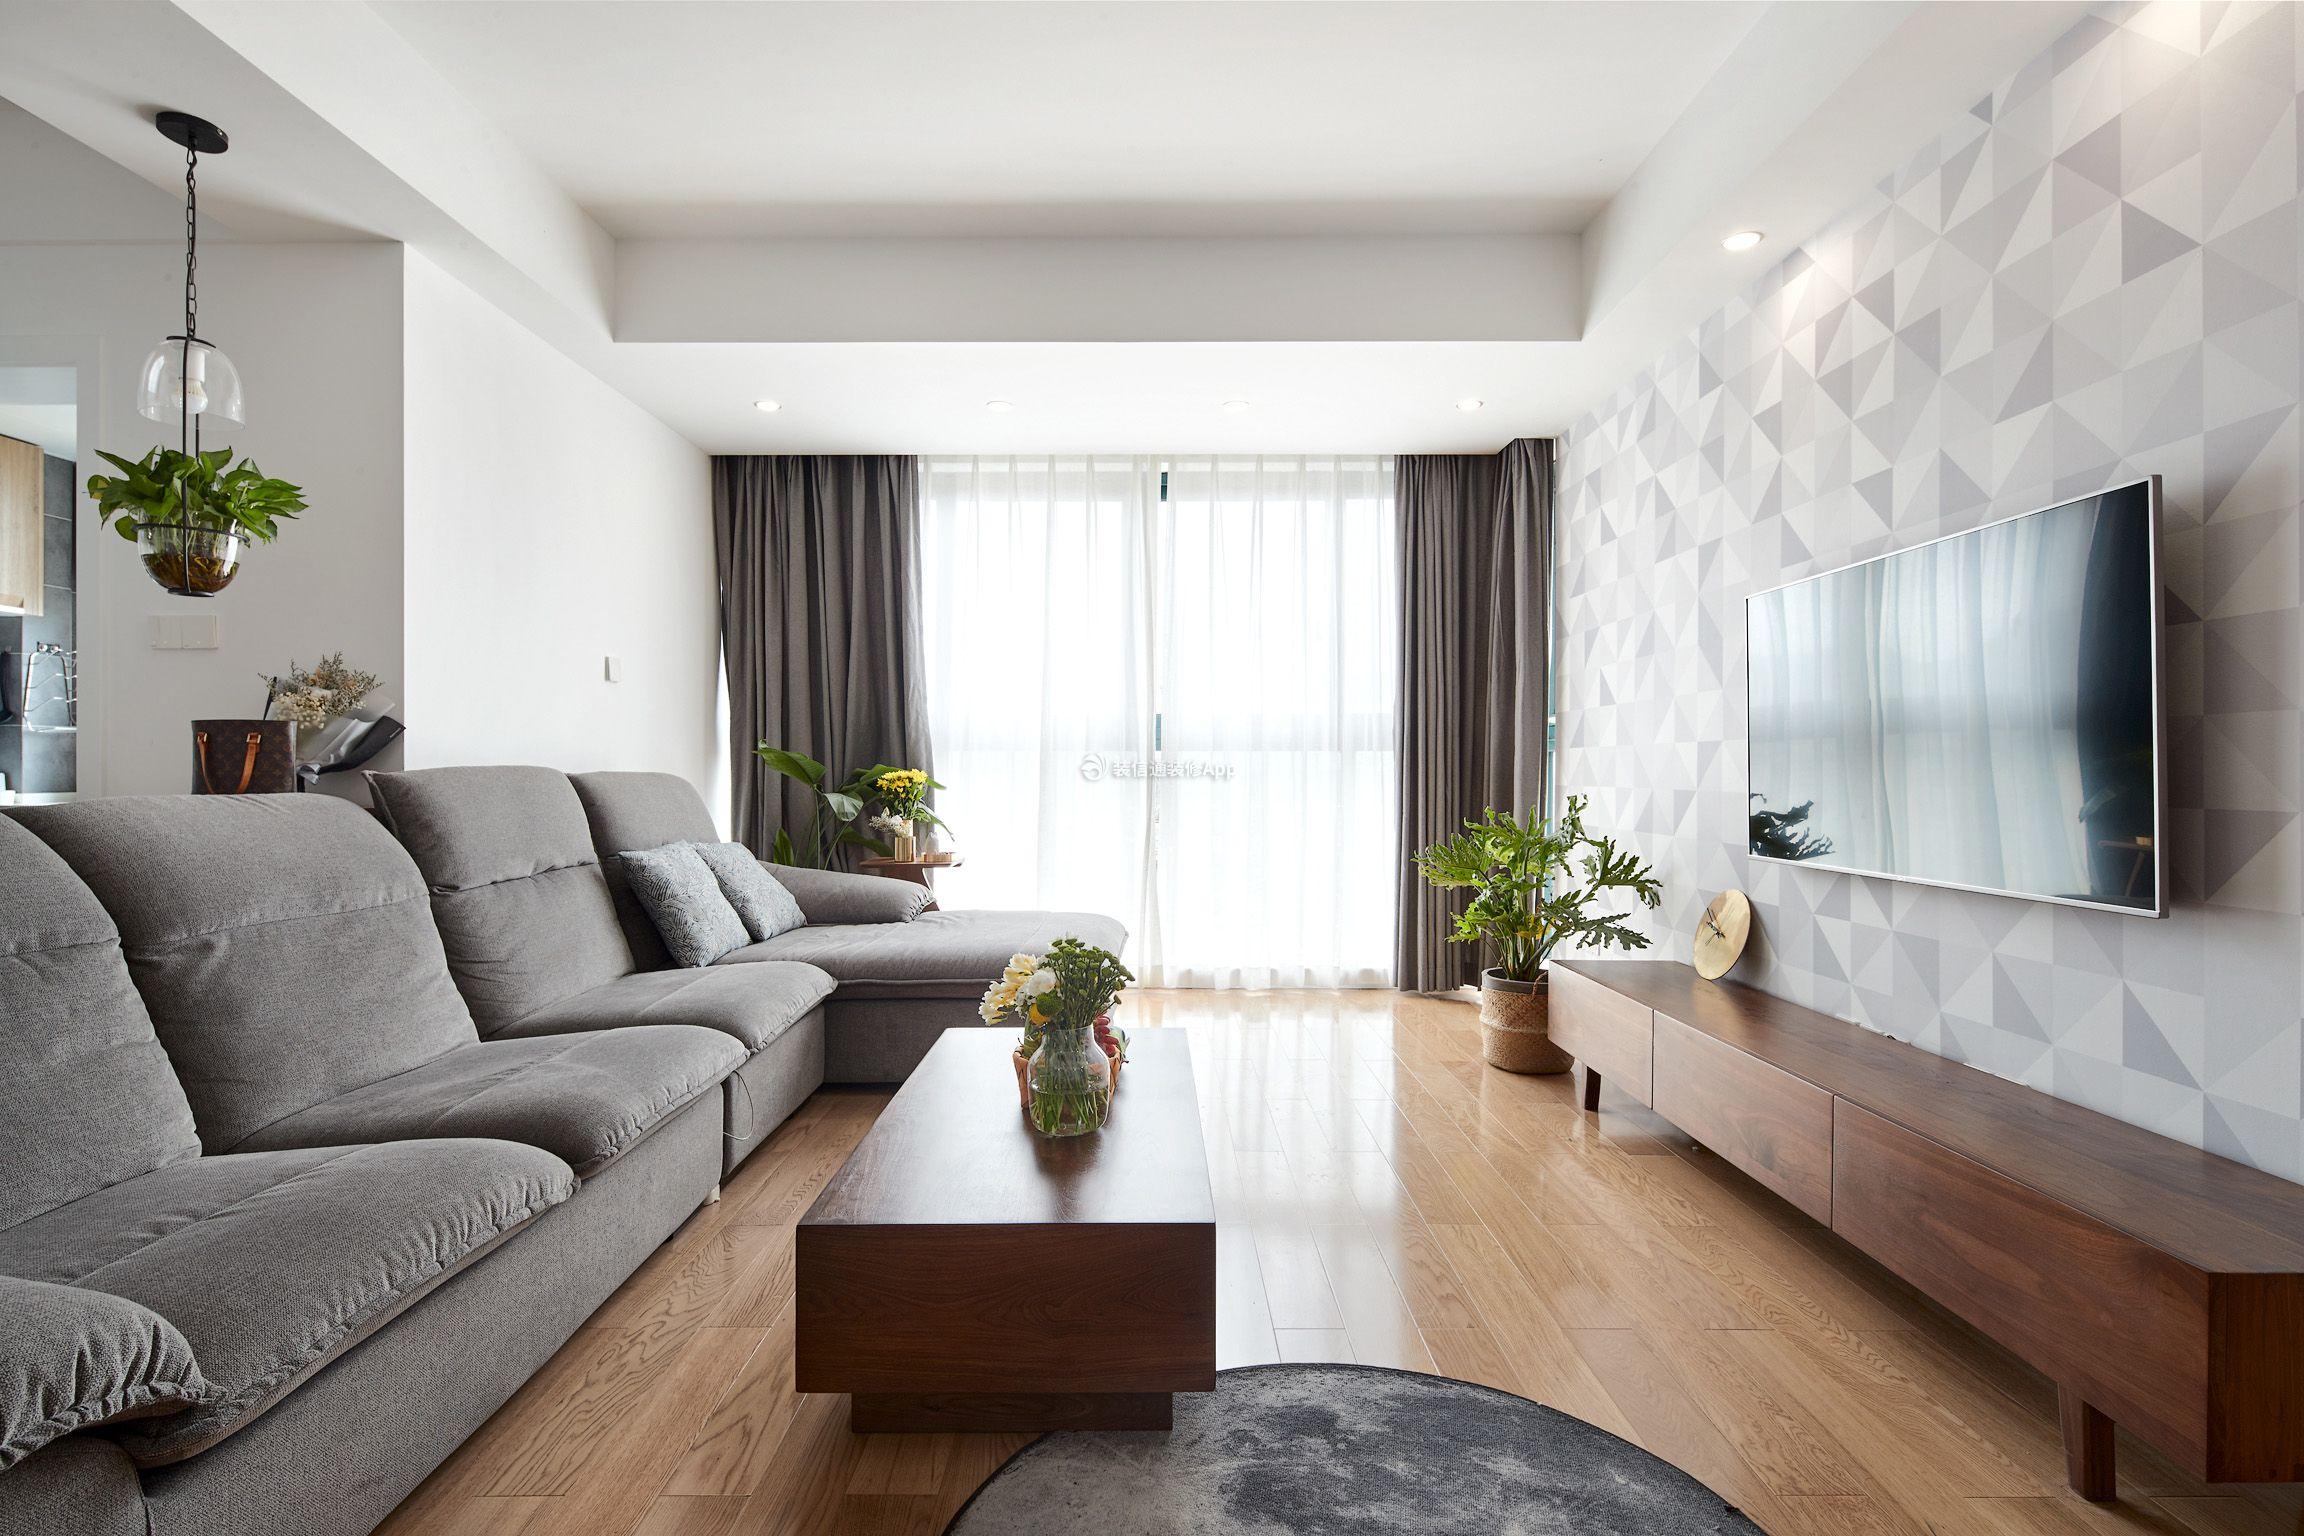 杭州紫韵公寓北欧风格133平米装修效果图案例